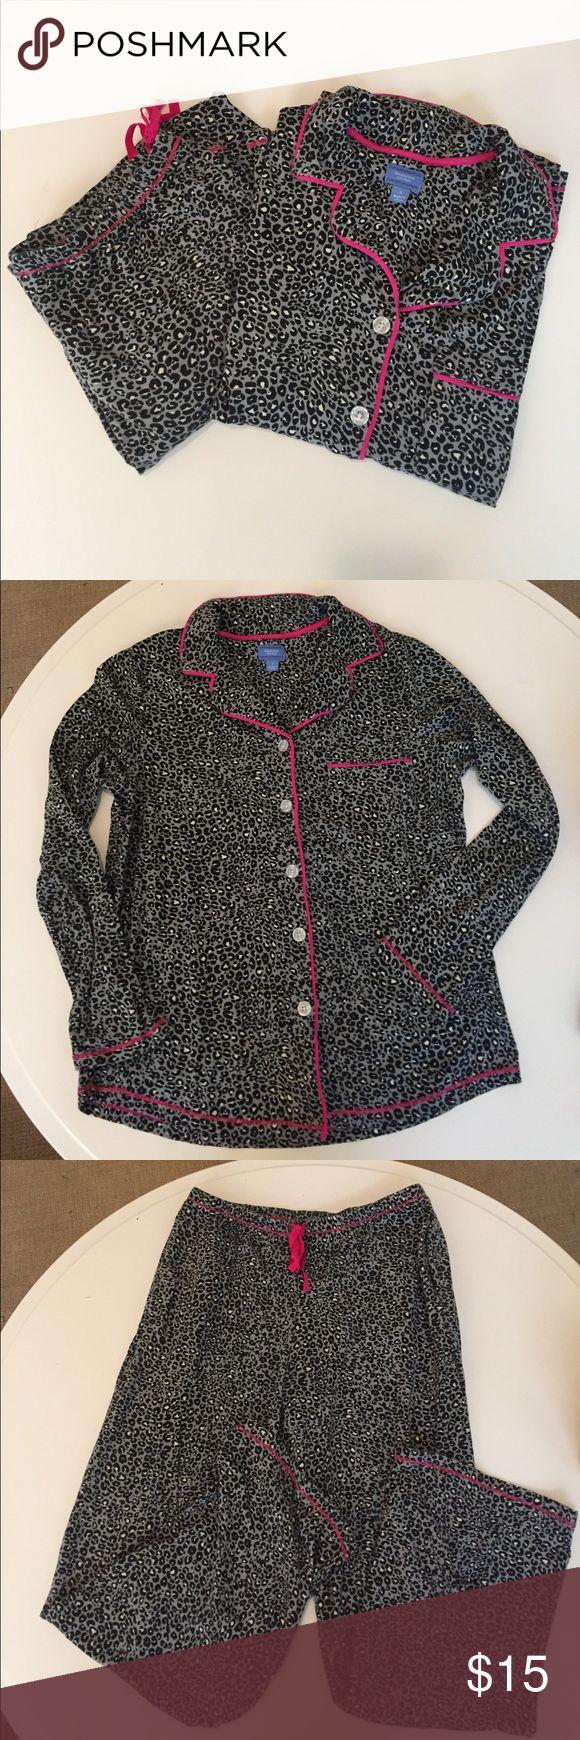 Simply Vera, Vera Wang pajama set Simply Vera, Vera Wang Pajama Set. Long sleeve button up top with drawstring pants. Size Small. Great Condition! Simply Vera Vera Wang Intimates & Sleepwear Pajamas